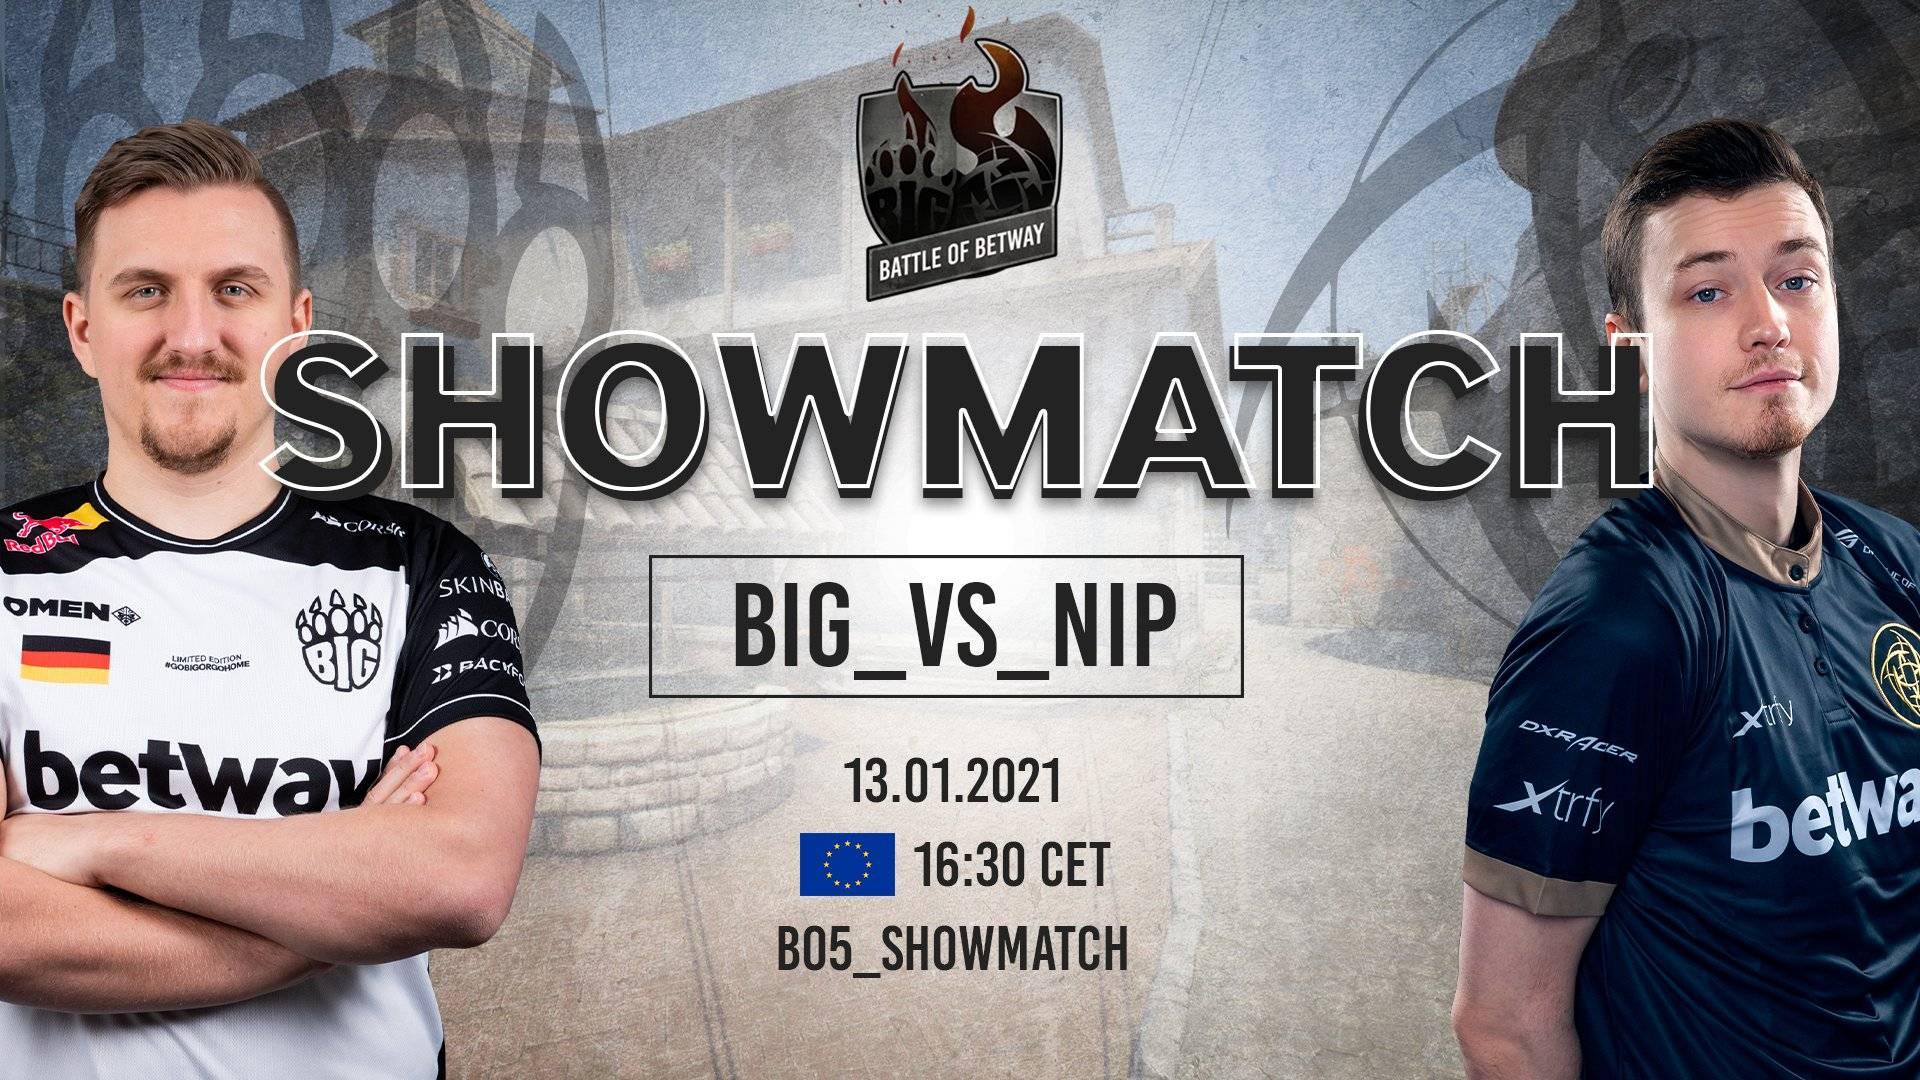 BIG vs NiP